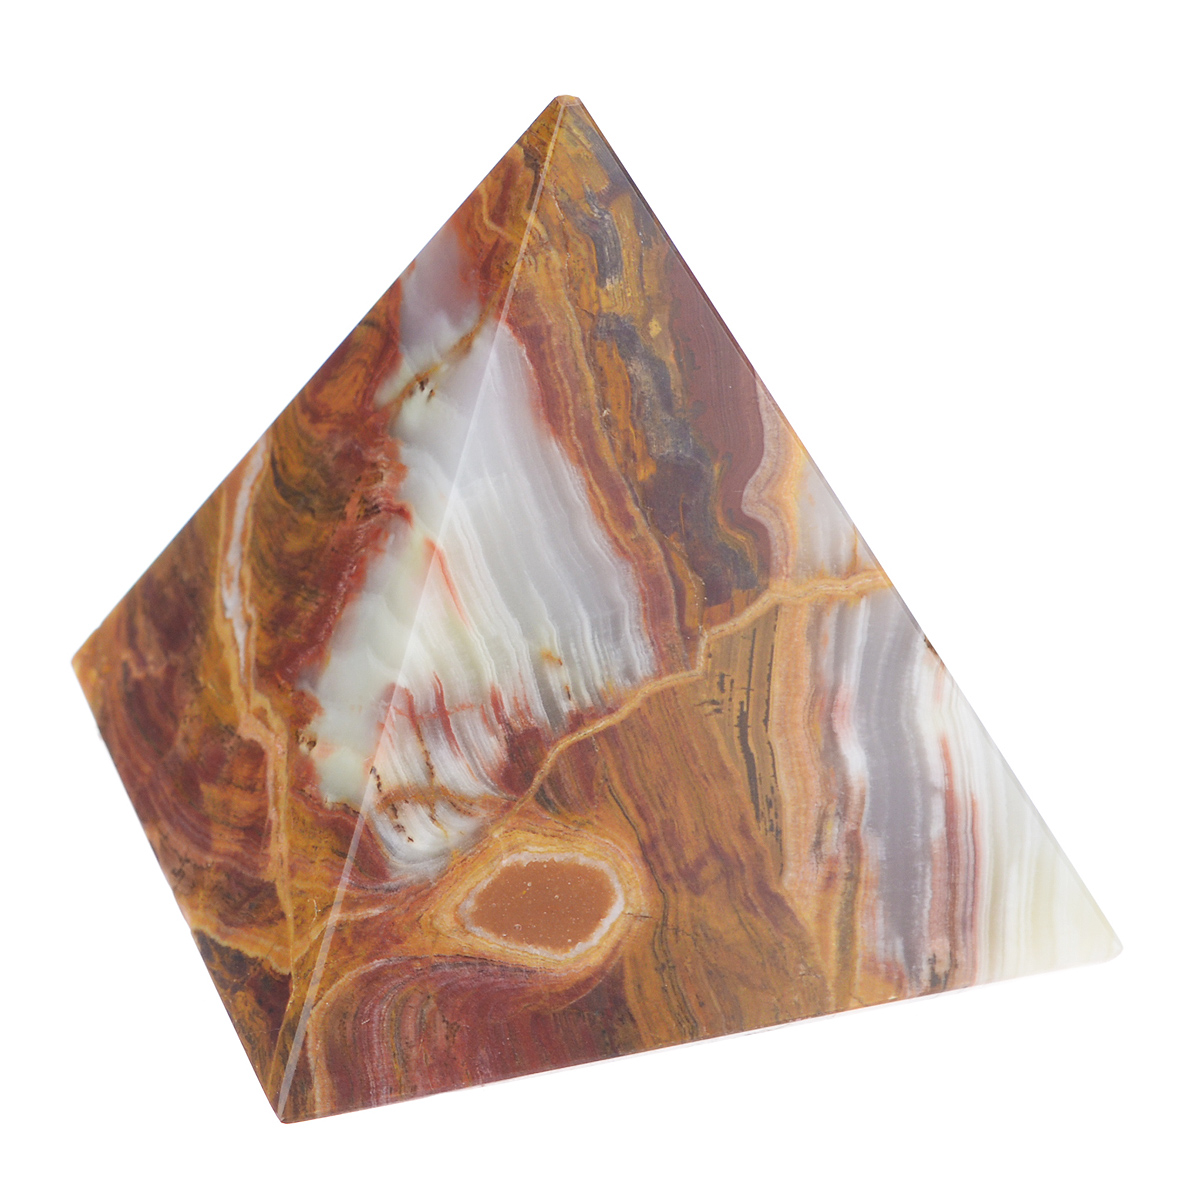 Сувенир Sima-land Пирамида, 7,5 см х 7,5 см х 8 см1079916Сувенир Sima-land Пирамида выполнен из натурального оникса. Этот камень помогает снимать стрессы, облегчает боль, способствует эмоциональному равновесию и самоконтролю. Его применяют при расстройстве нервной системы, депрессиях, бессоннице, при лечении болезней сердца. Оникс хорошо снимает боли и уменьшает воспаления. Сувенир Sima-land Пирамида станет отличным подарком на любой праздник и дополнит интерьер вашей комнаты. УВАЖАЕМЫЕ КЛИЕНТЫ!Обращаем ваше внимание на тот факт, что цветовой оттенок товара может отличатся от представленного на изображении, поскольку фигурка выполнена из натурального камня. Учитывайте это при оформлении заказа.